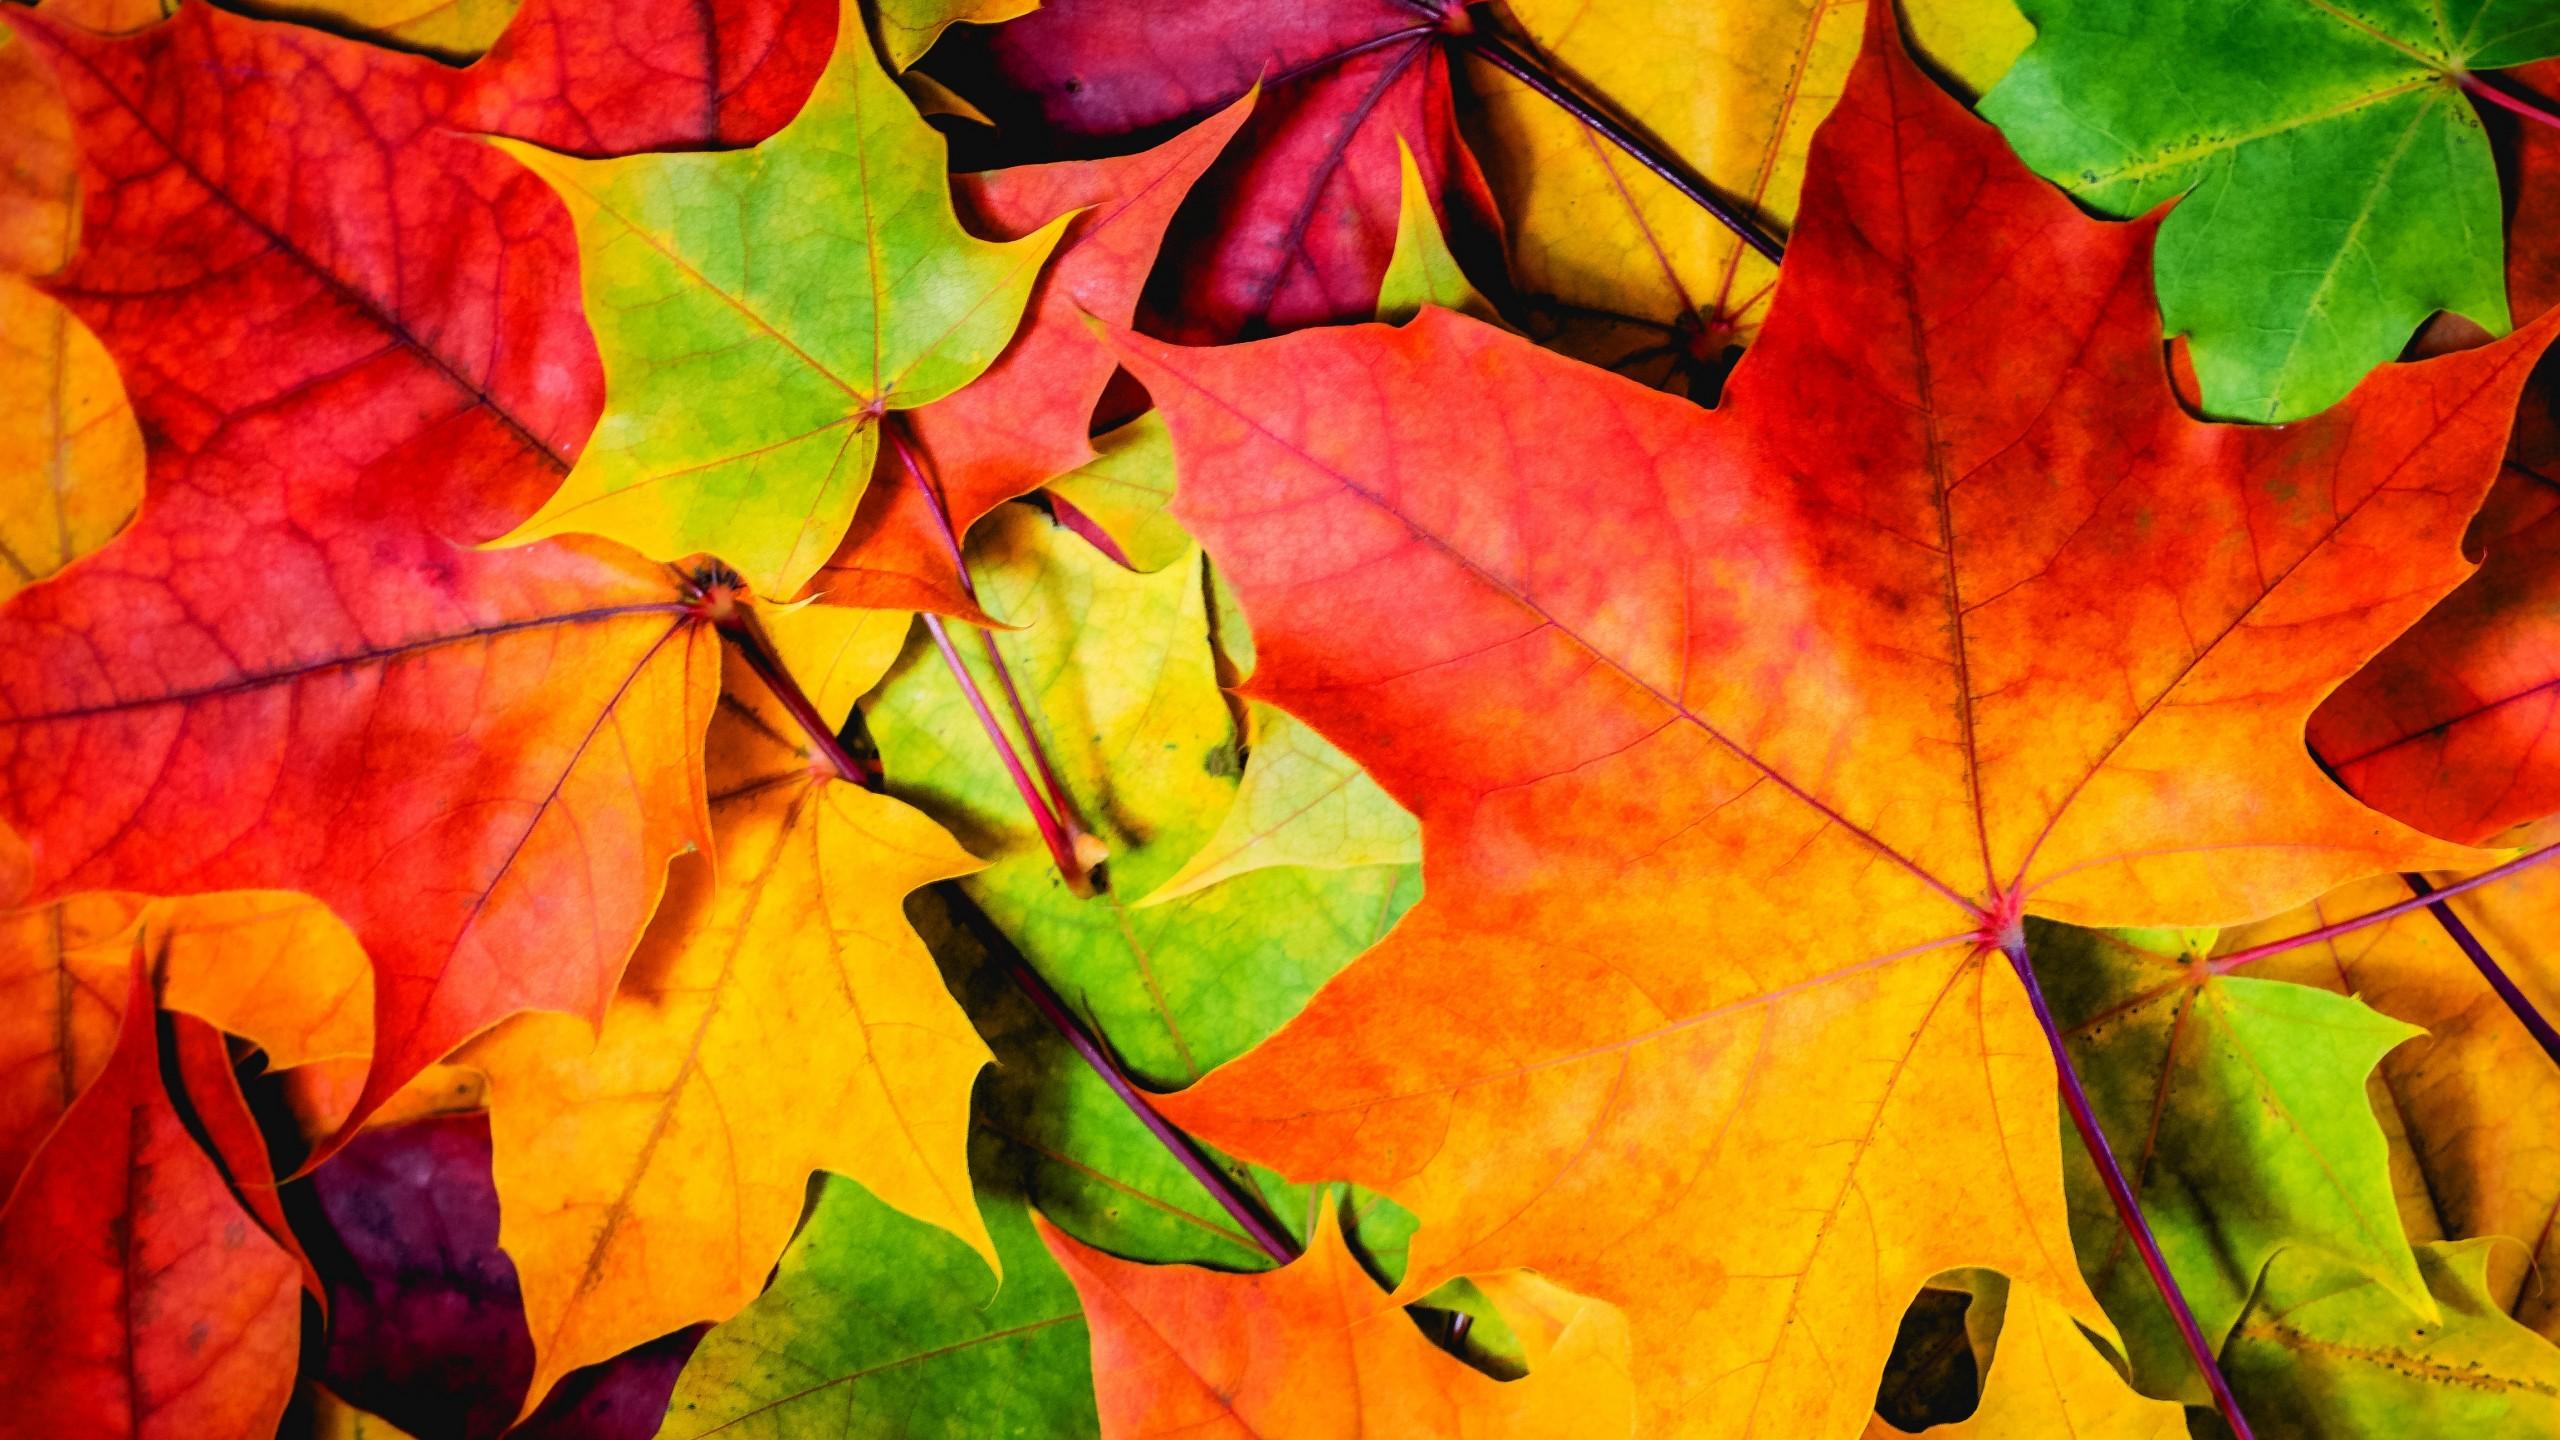 Wallpaper Leaves 5k 4k Wallpaper 8k Colorful Autumn